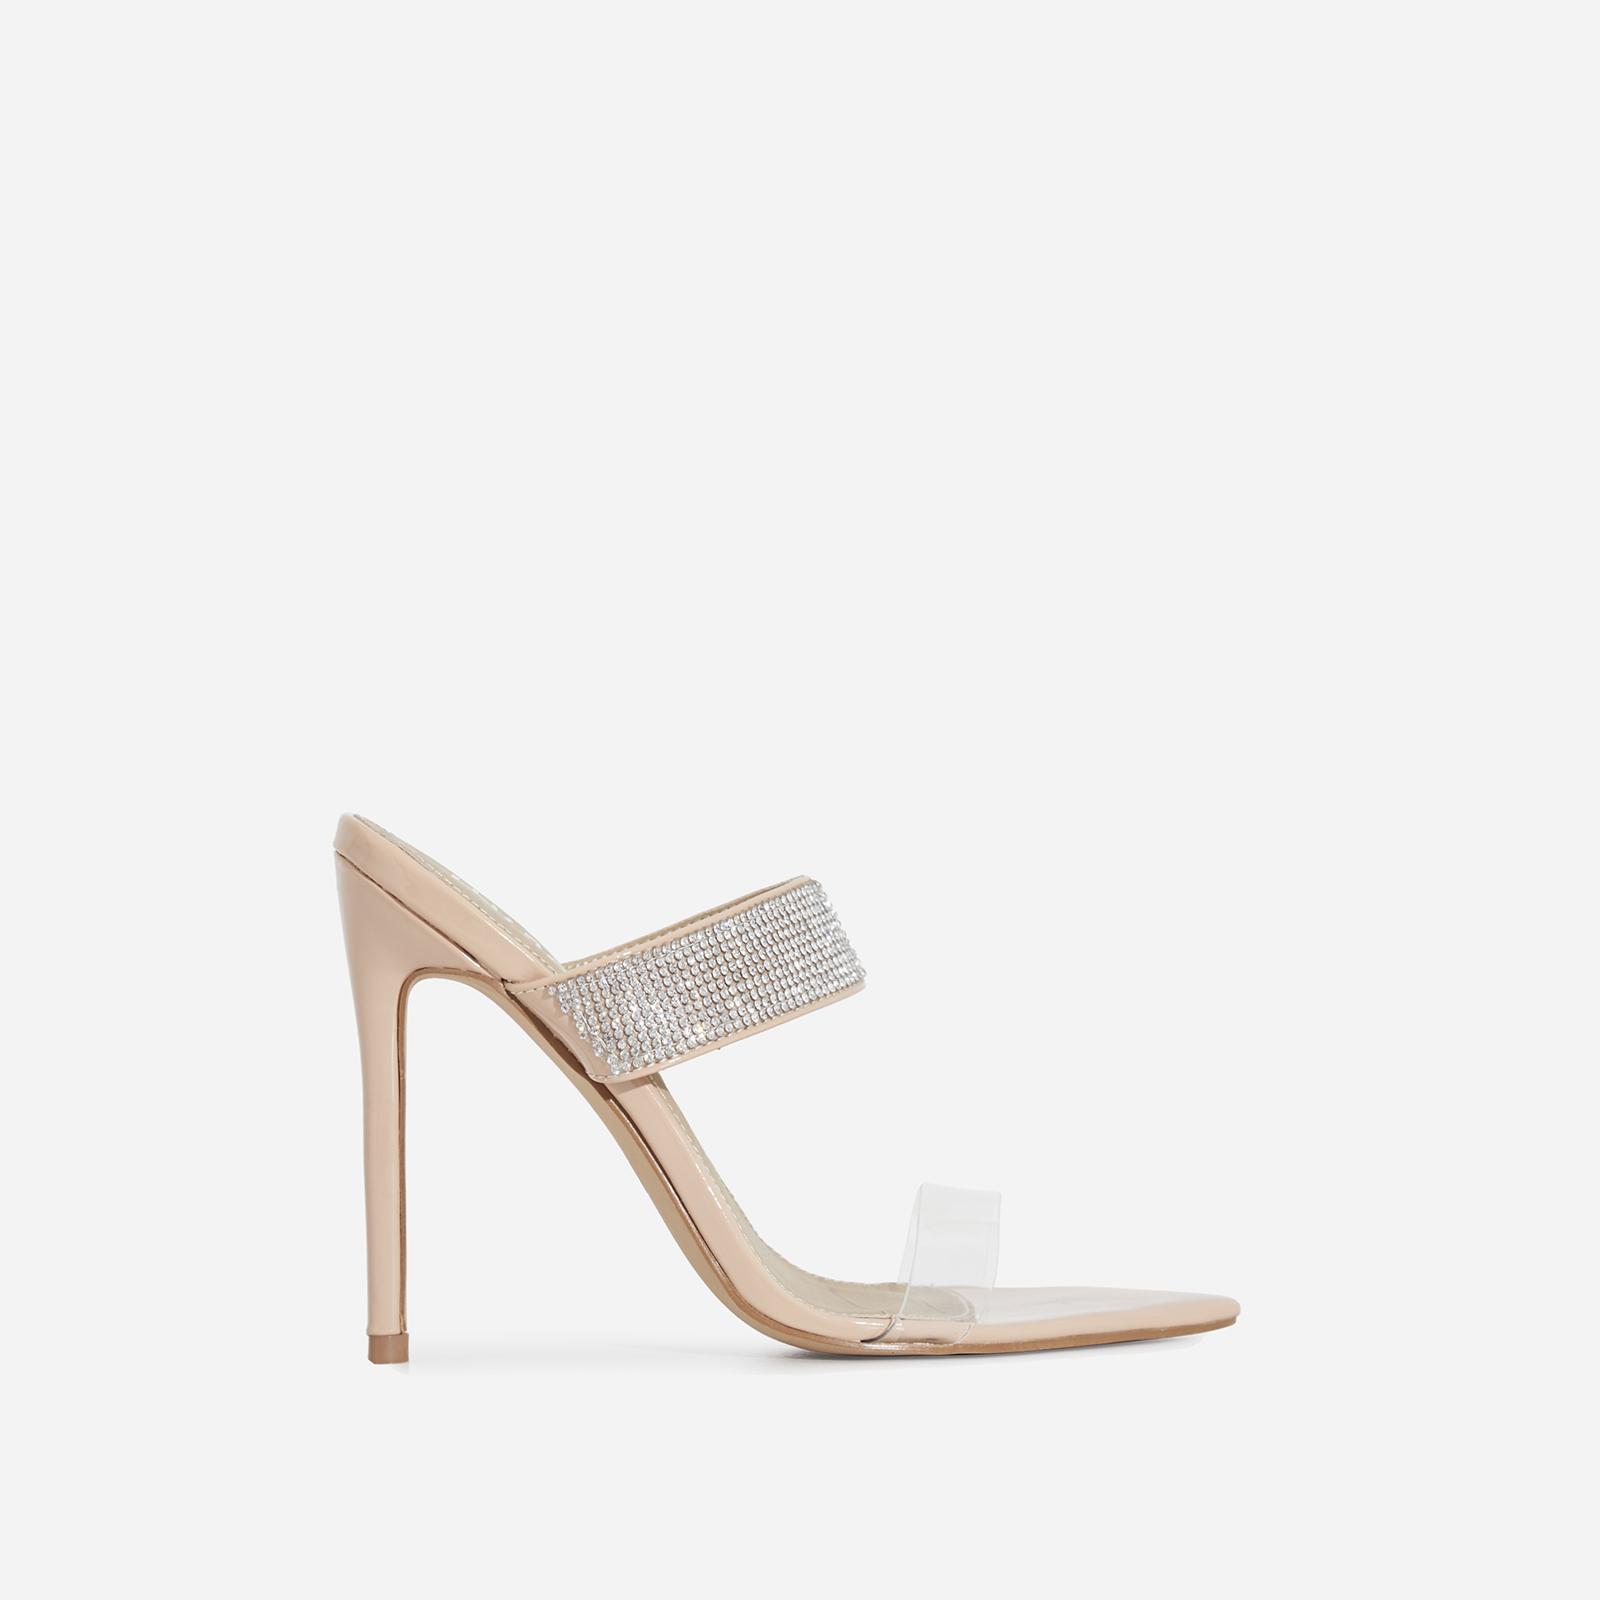 Ammi Diamante Perspex Heel Mule In Nude Patent